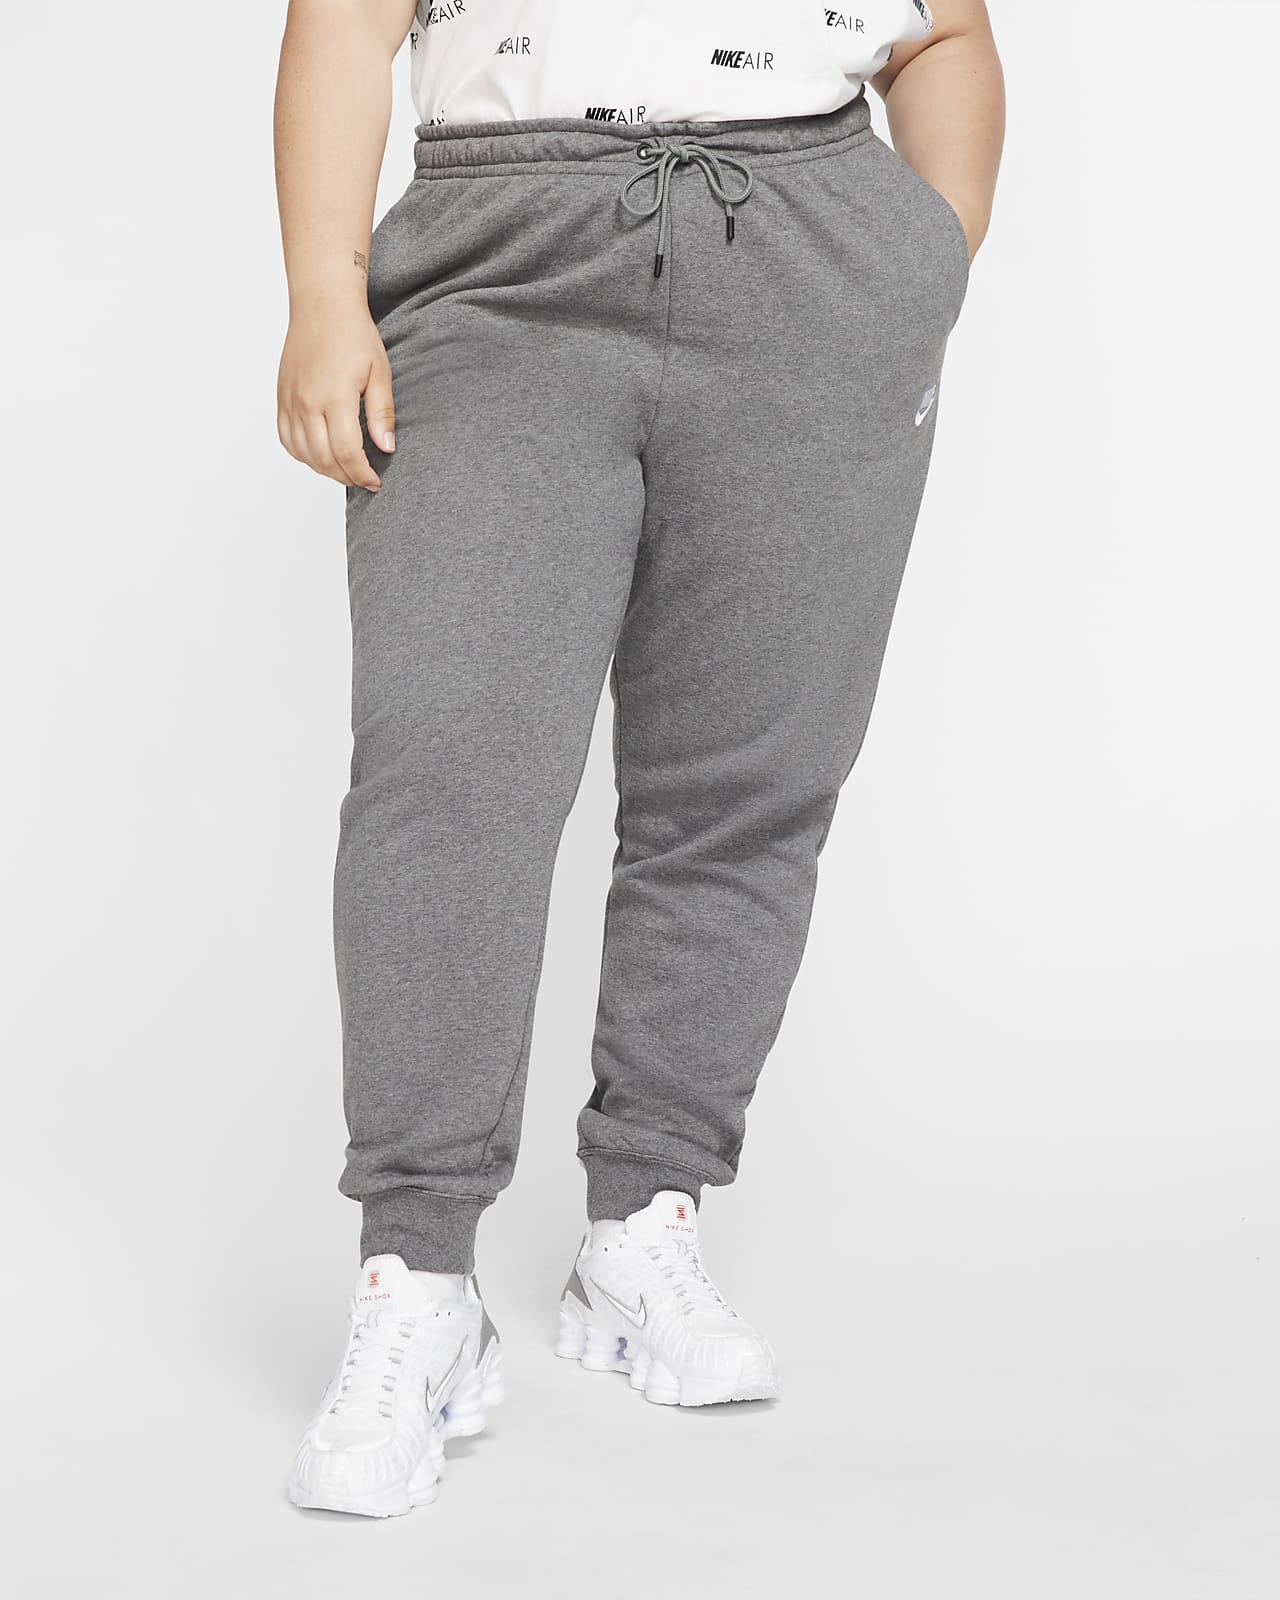 Nike Sportswear Essential Women's Fleece Pants (Plus Size)